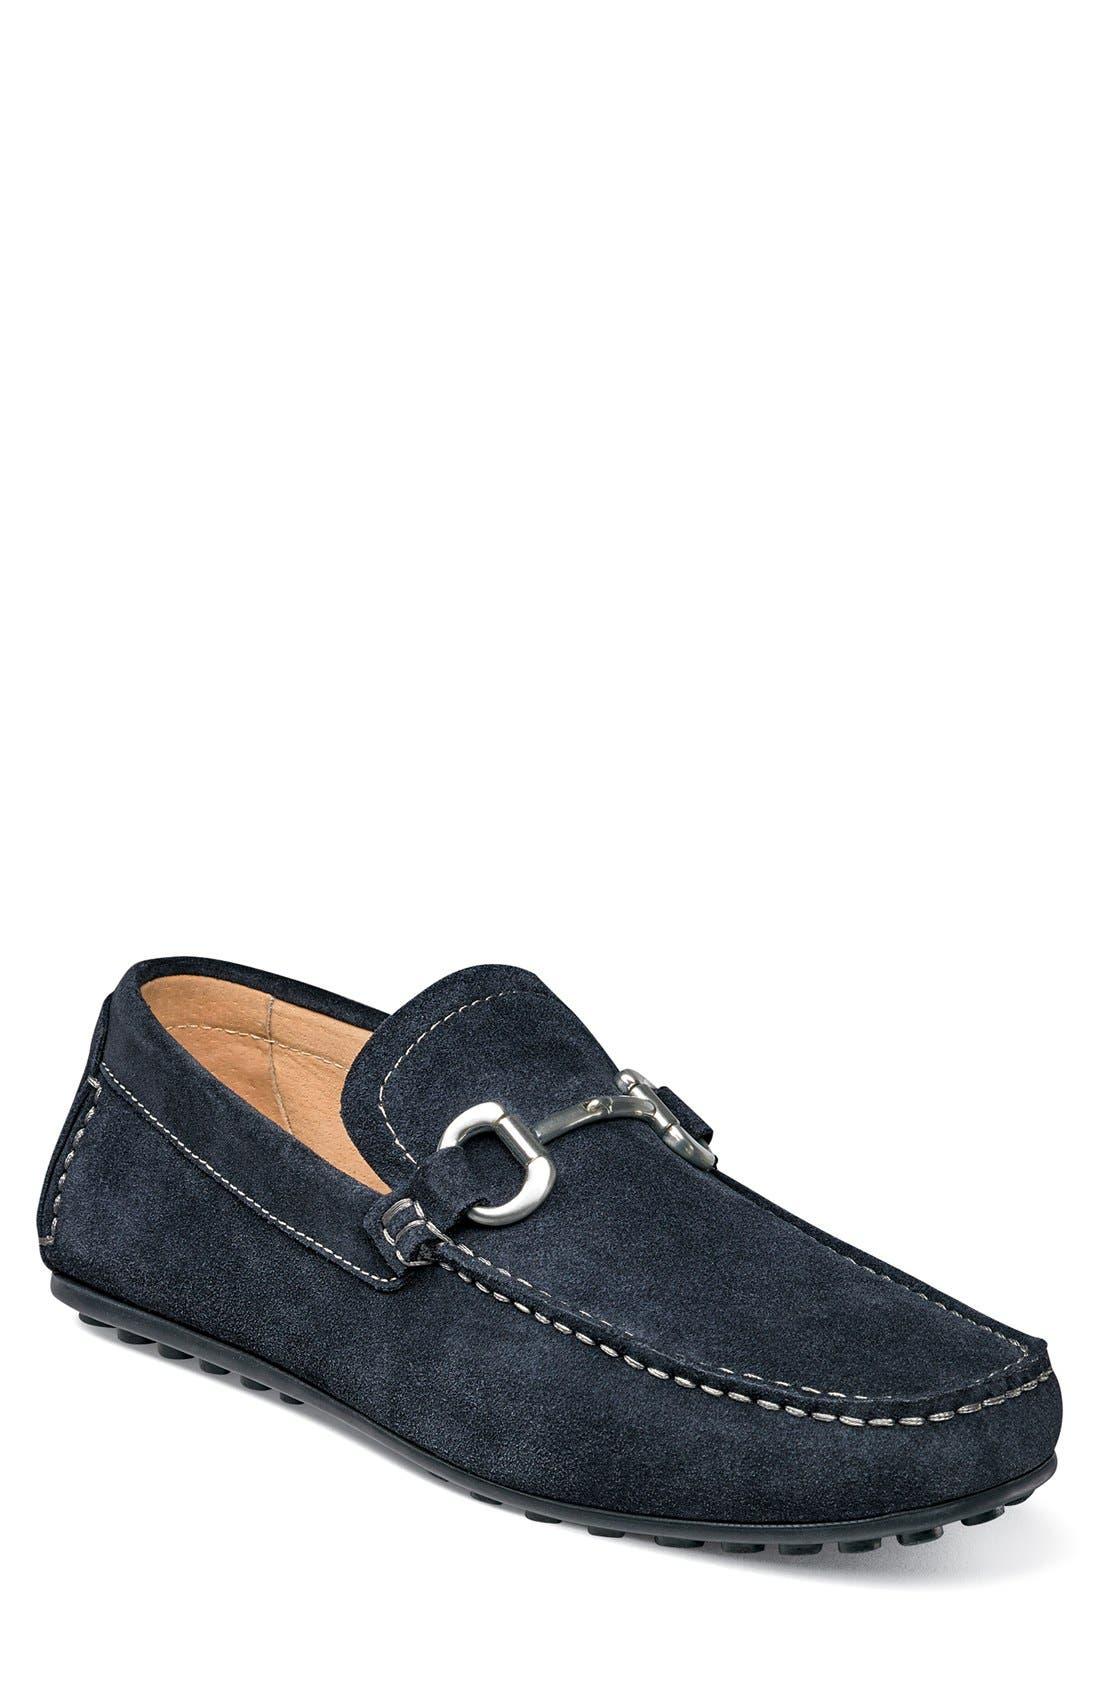 'Danforth' Driving Shoe,                         Main,                         color, 410